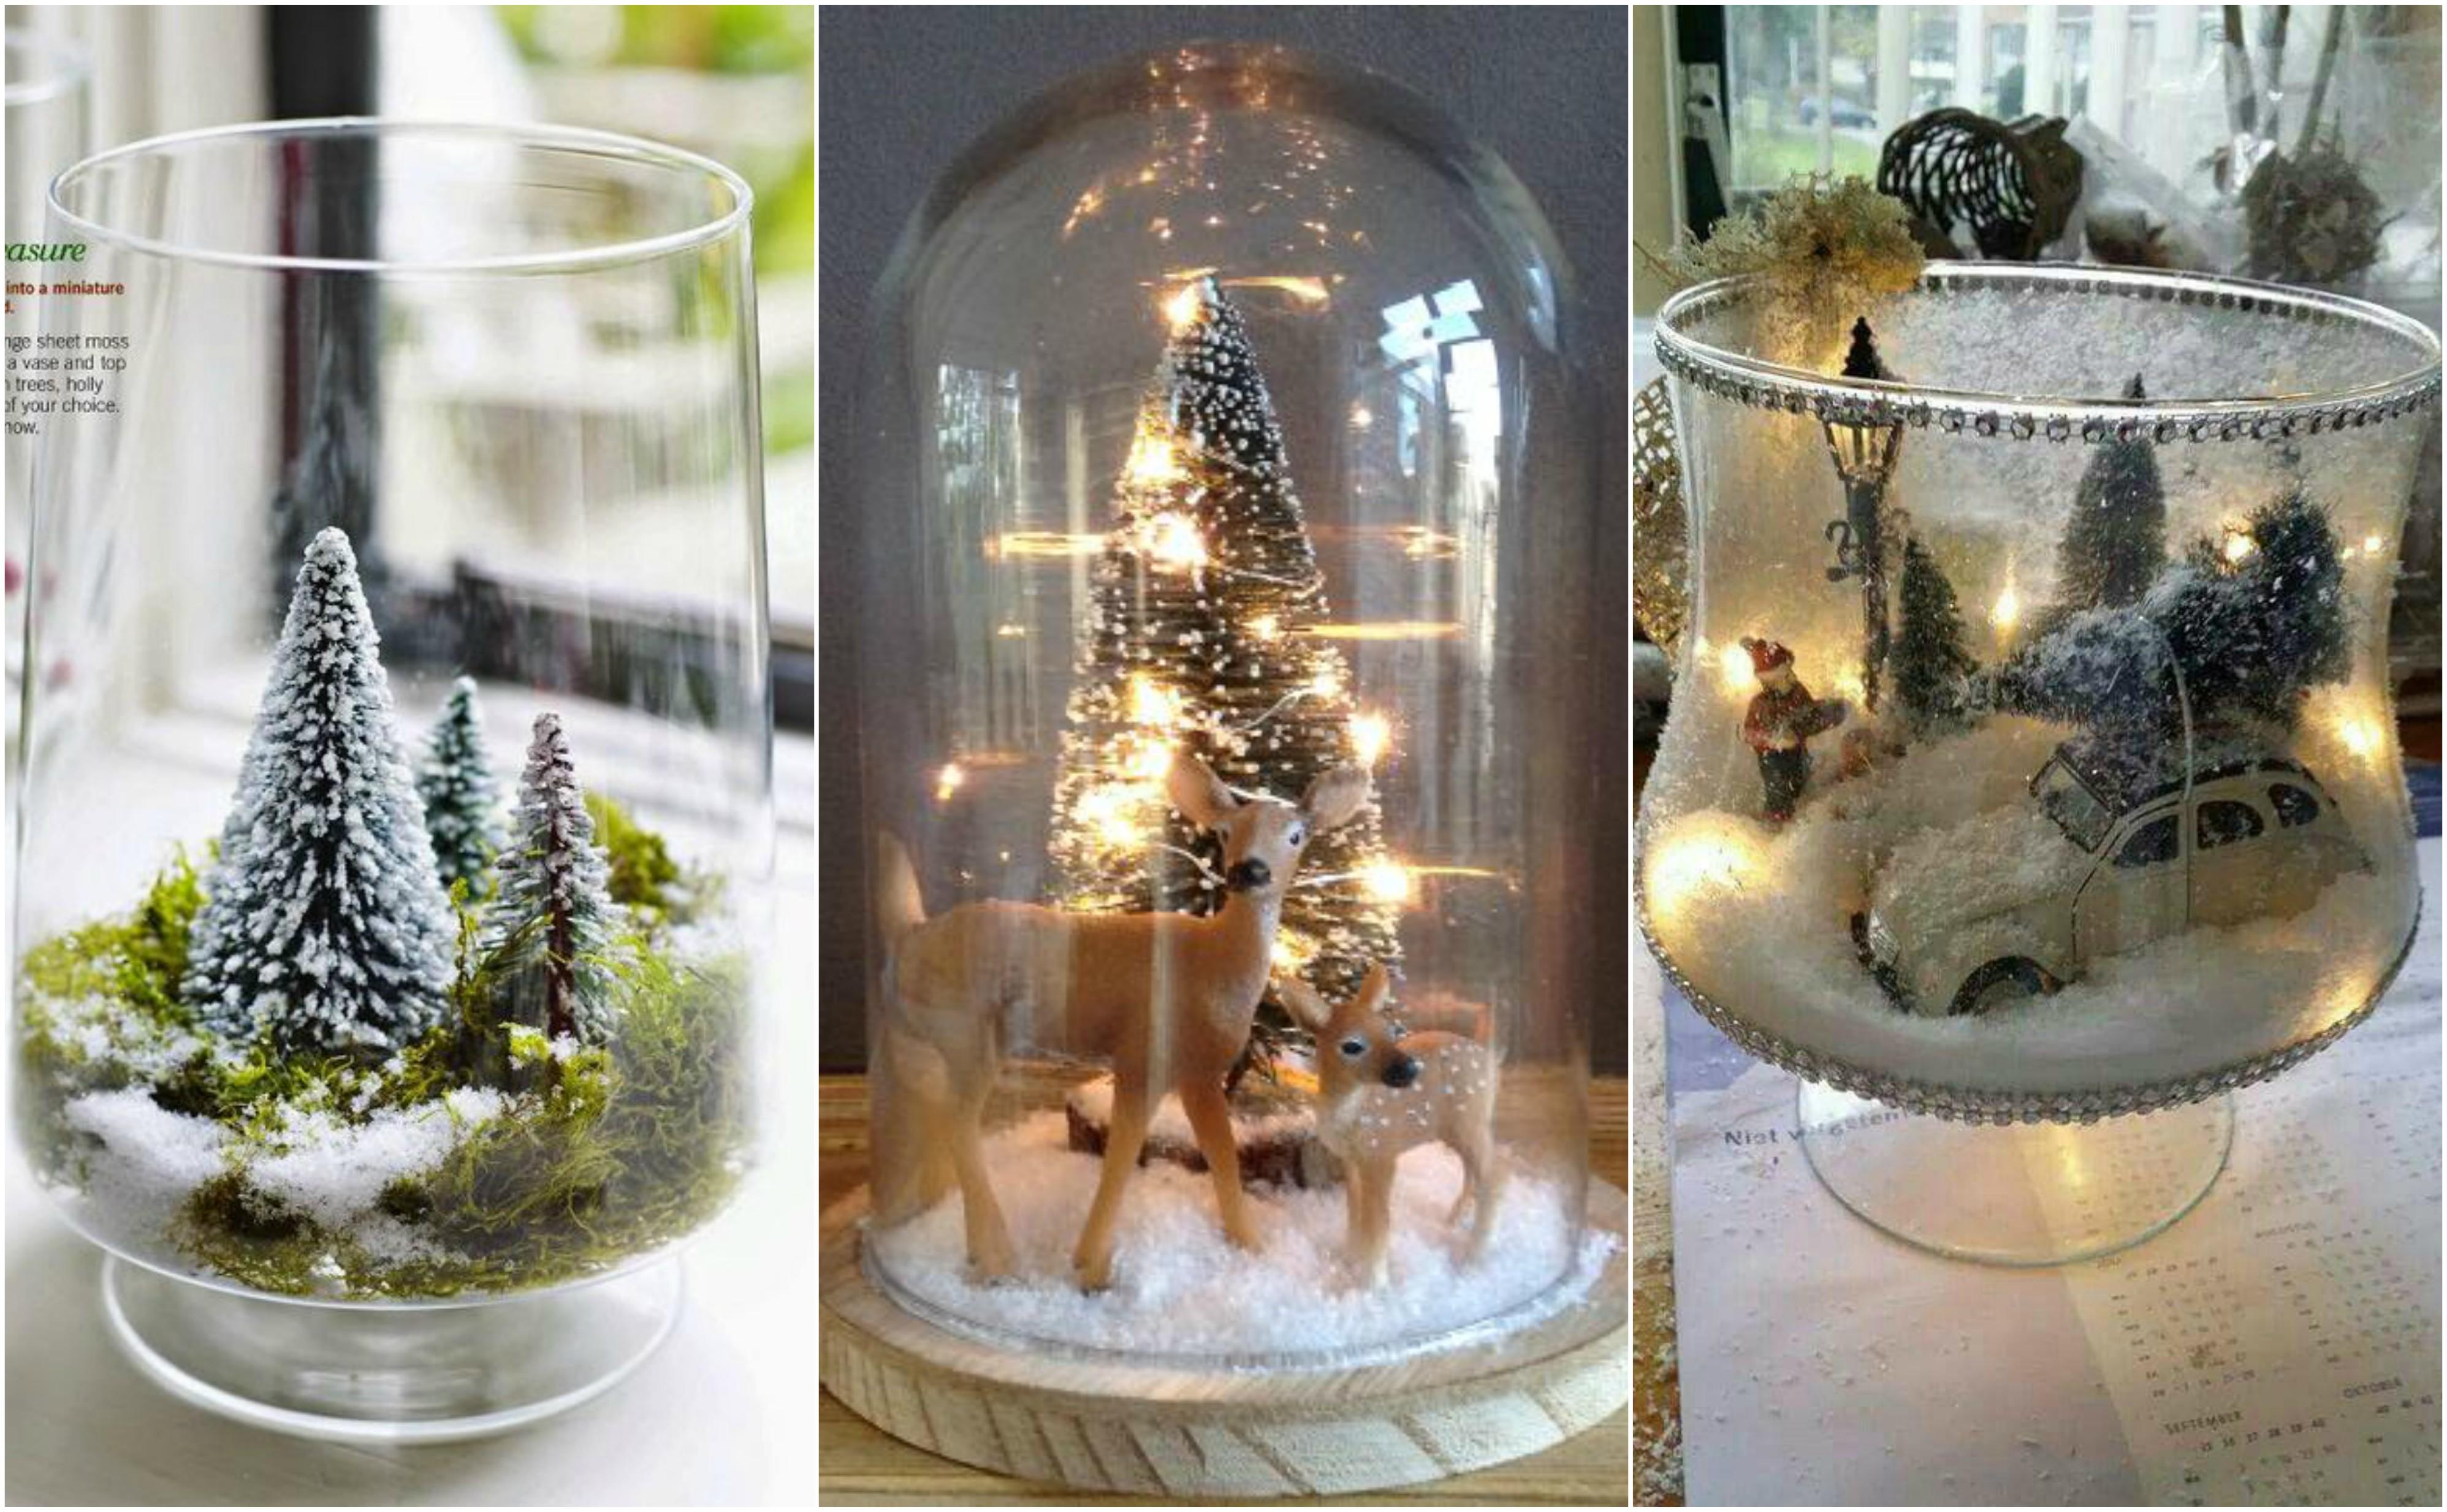 befunky-collage-60 Wunderschöne Weihnachtsdekoration Aussen Selber Machen Dekorationen